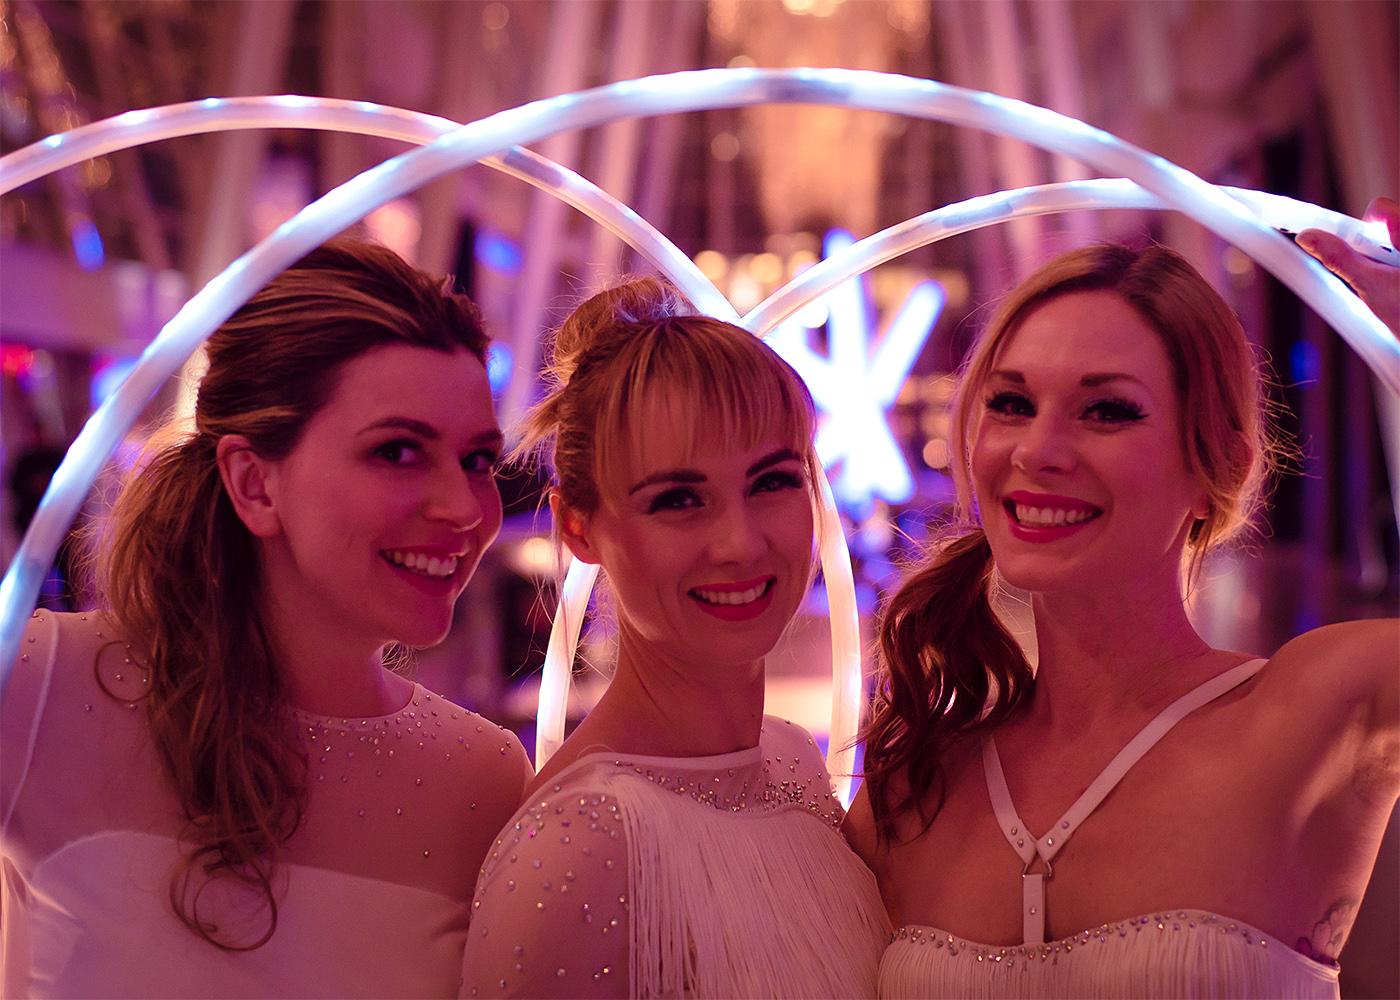 LED hula hoop trio